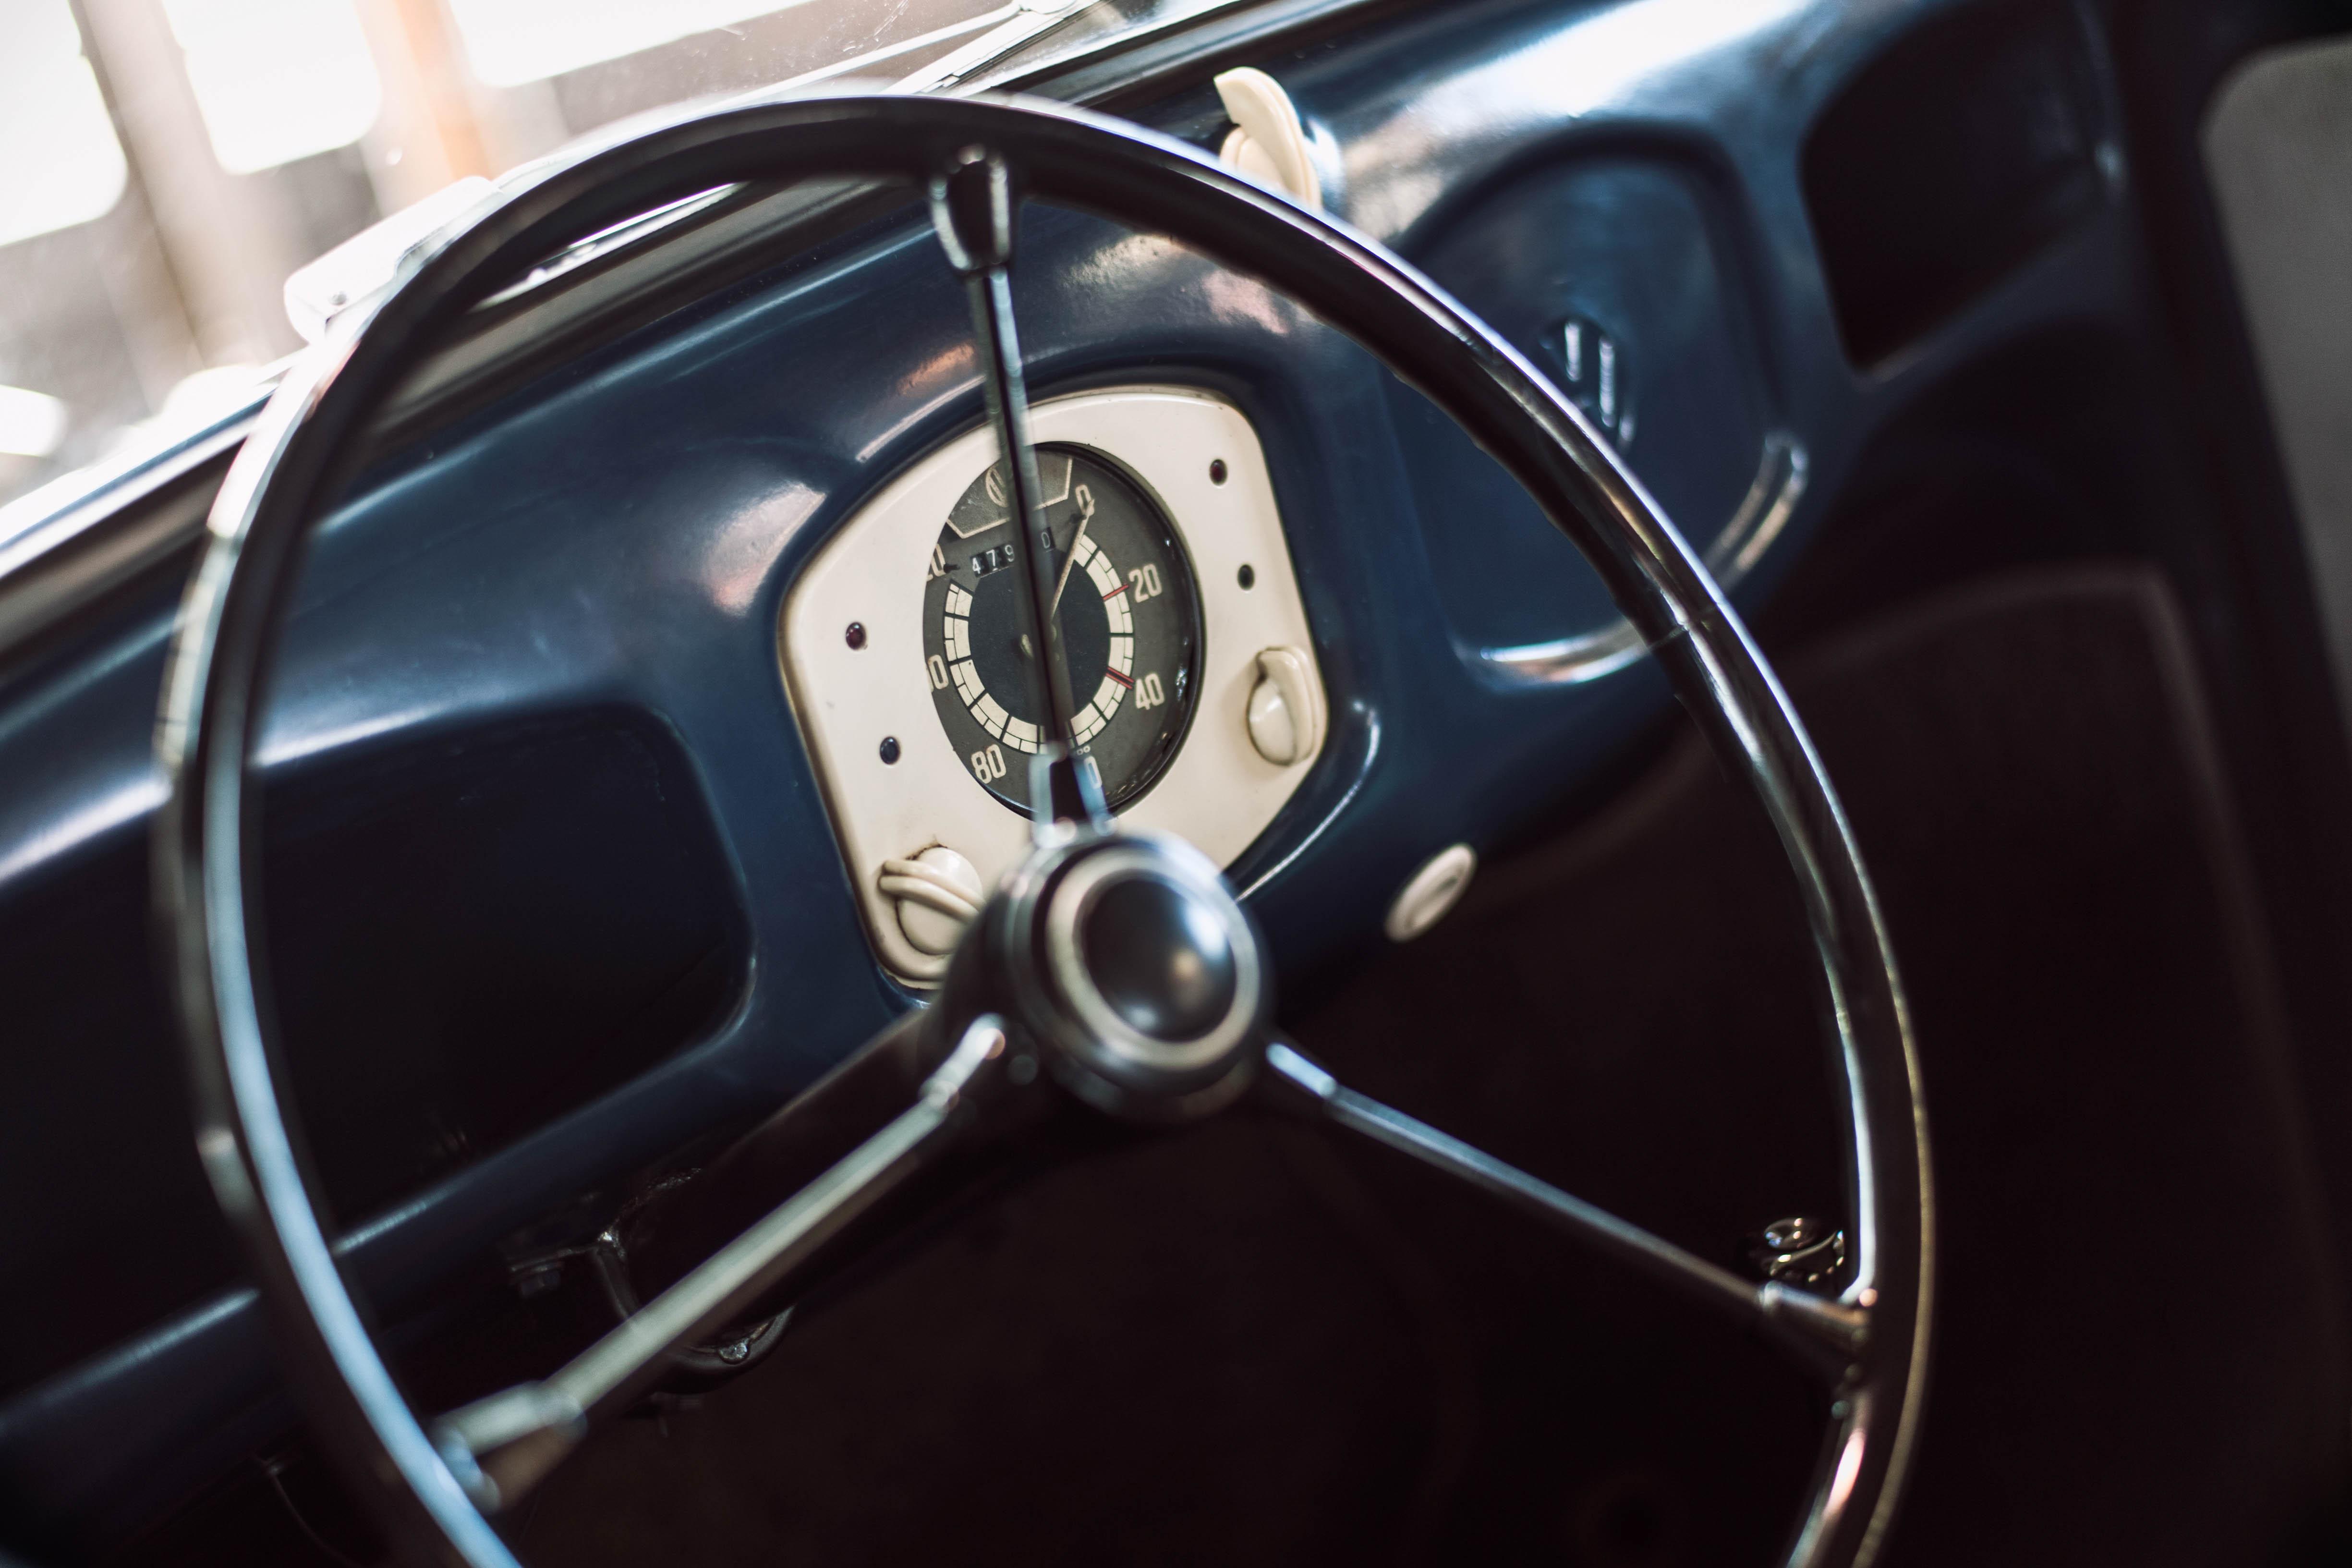 1949 Volkswagen steering wheel